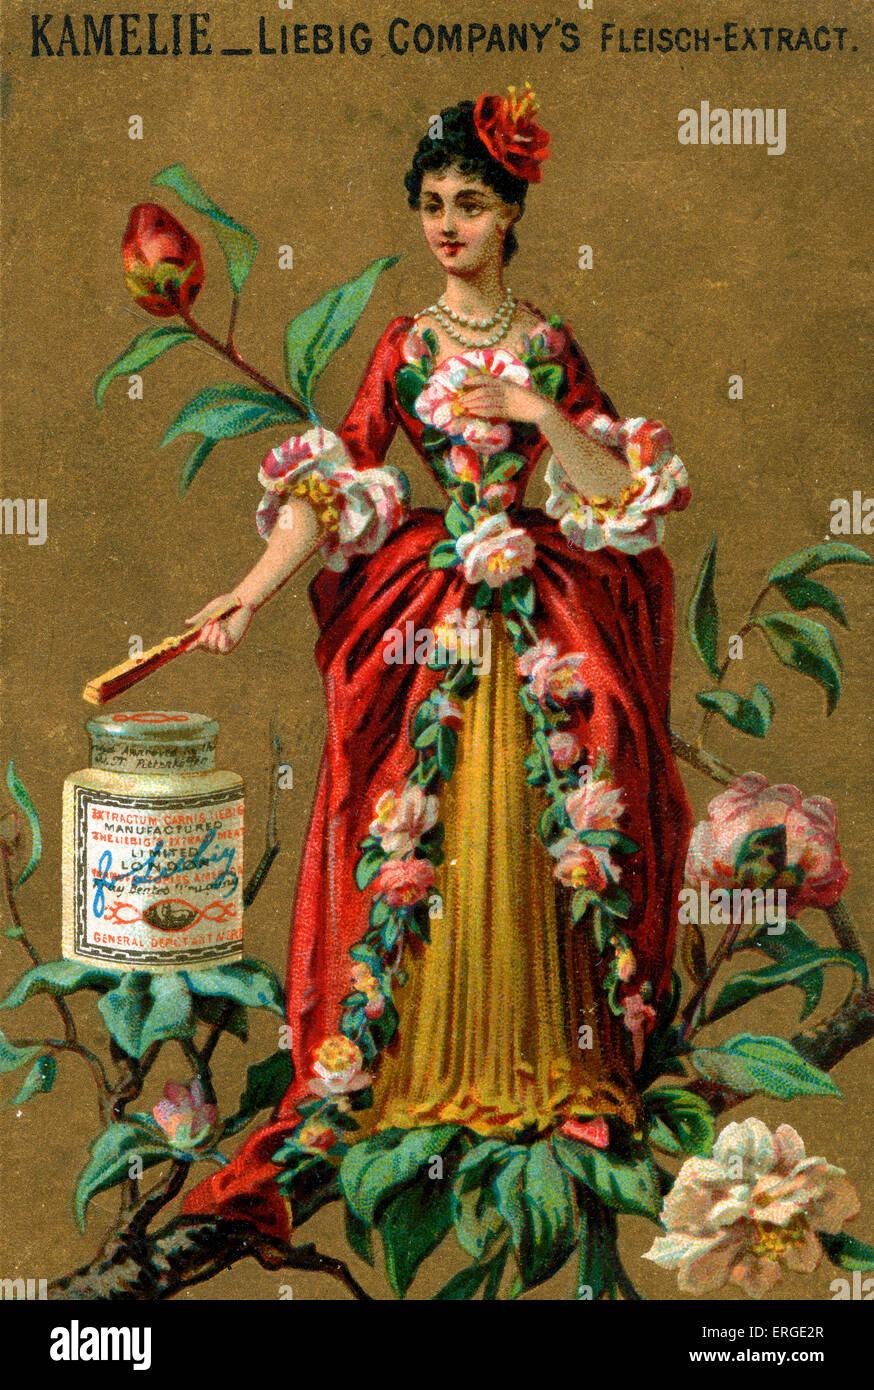 Camellia personificata.giovane lady adornata con camelie. Essa si erge su di un ramo. Scheda di Liebig serie (1888). Immagini Stock